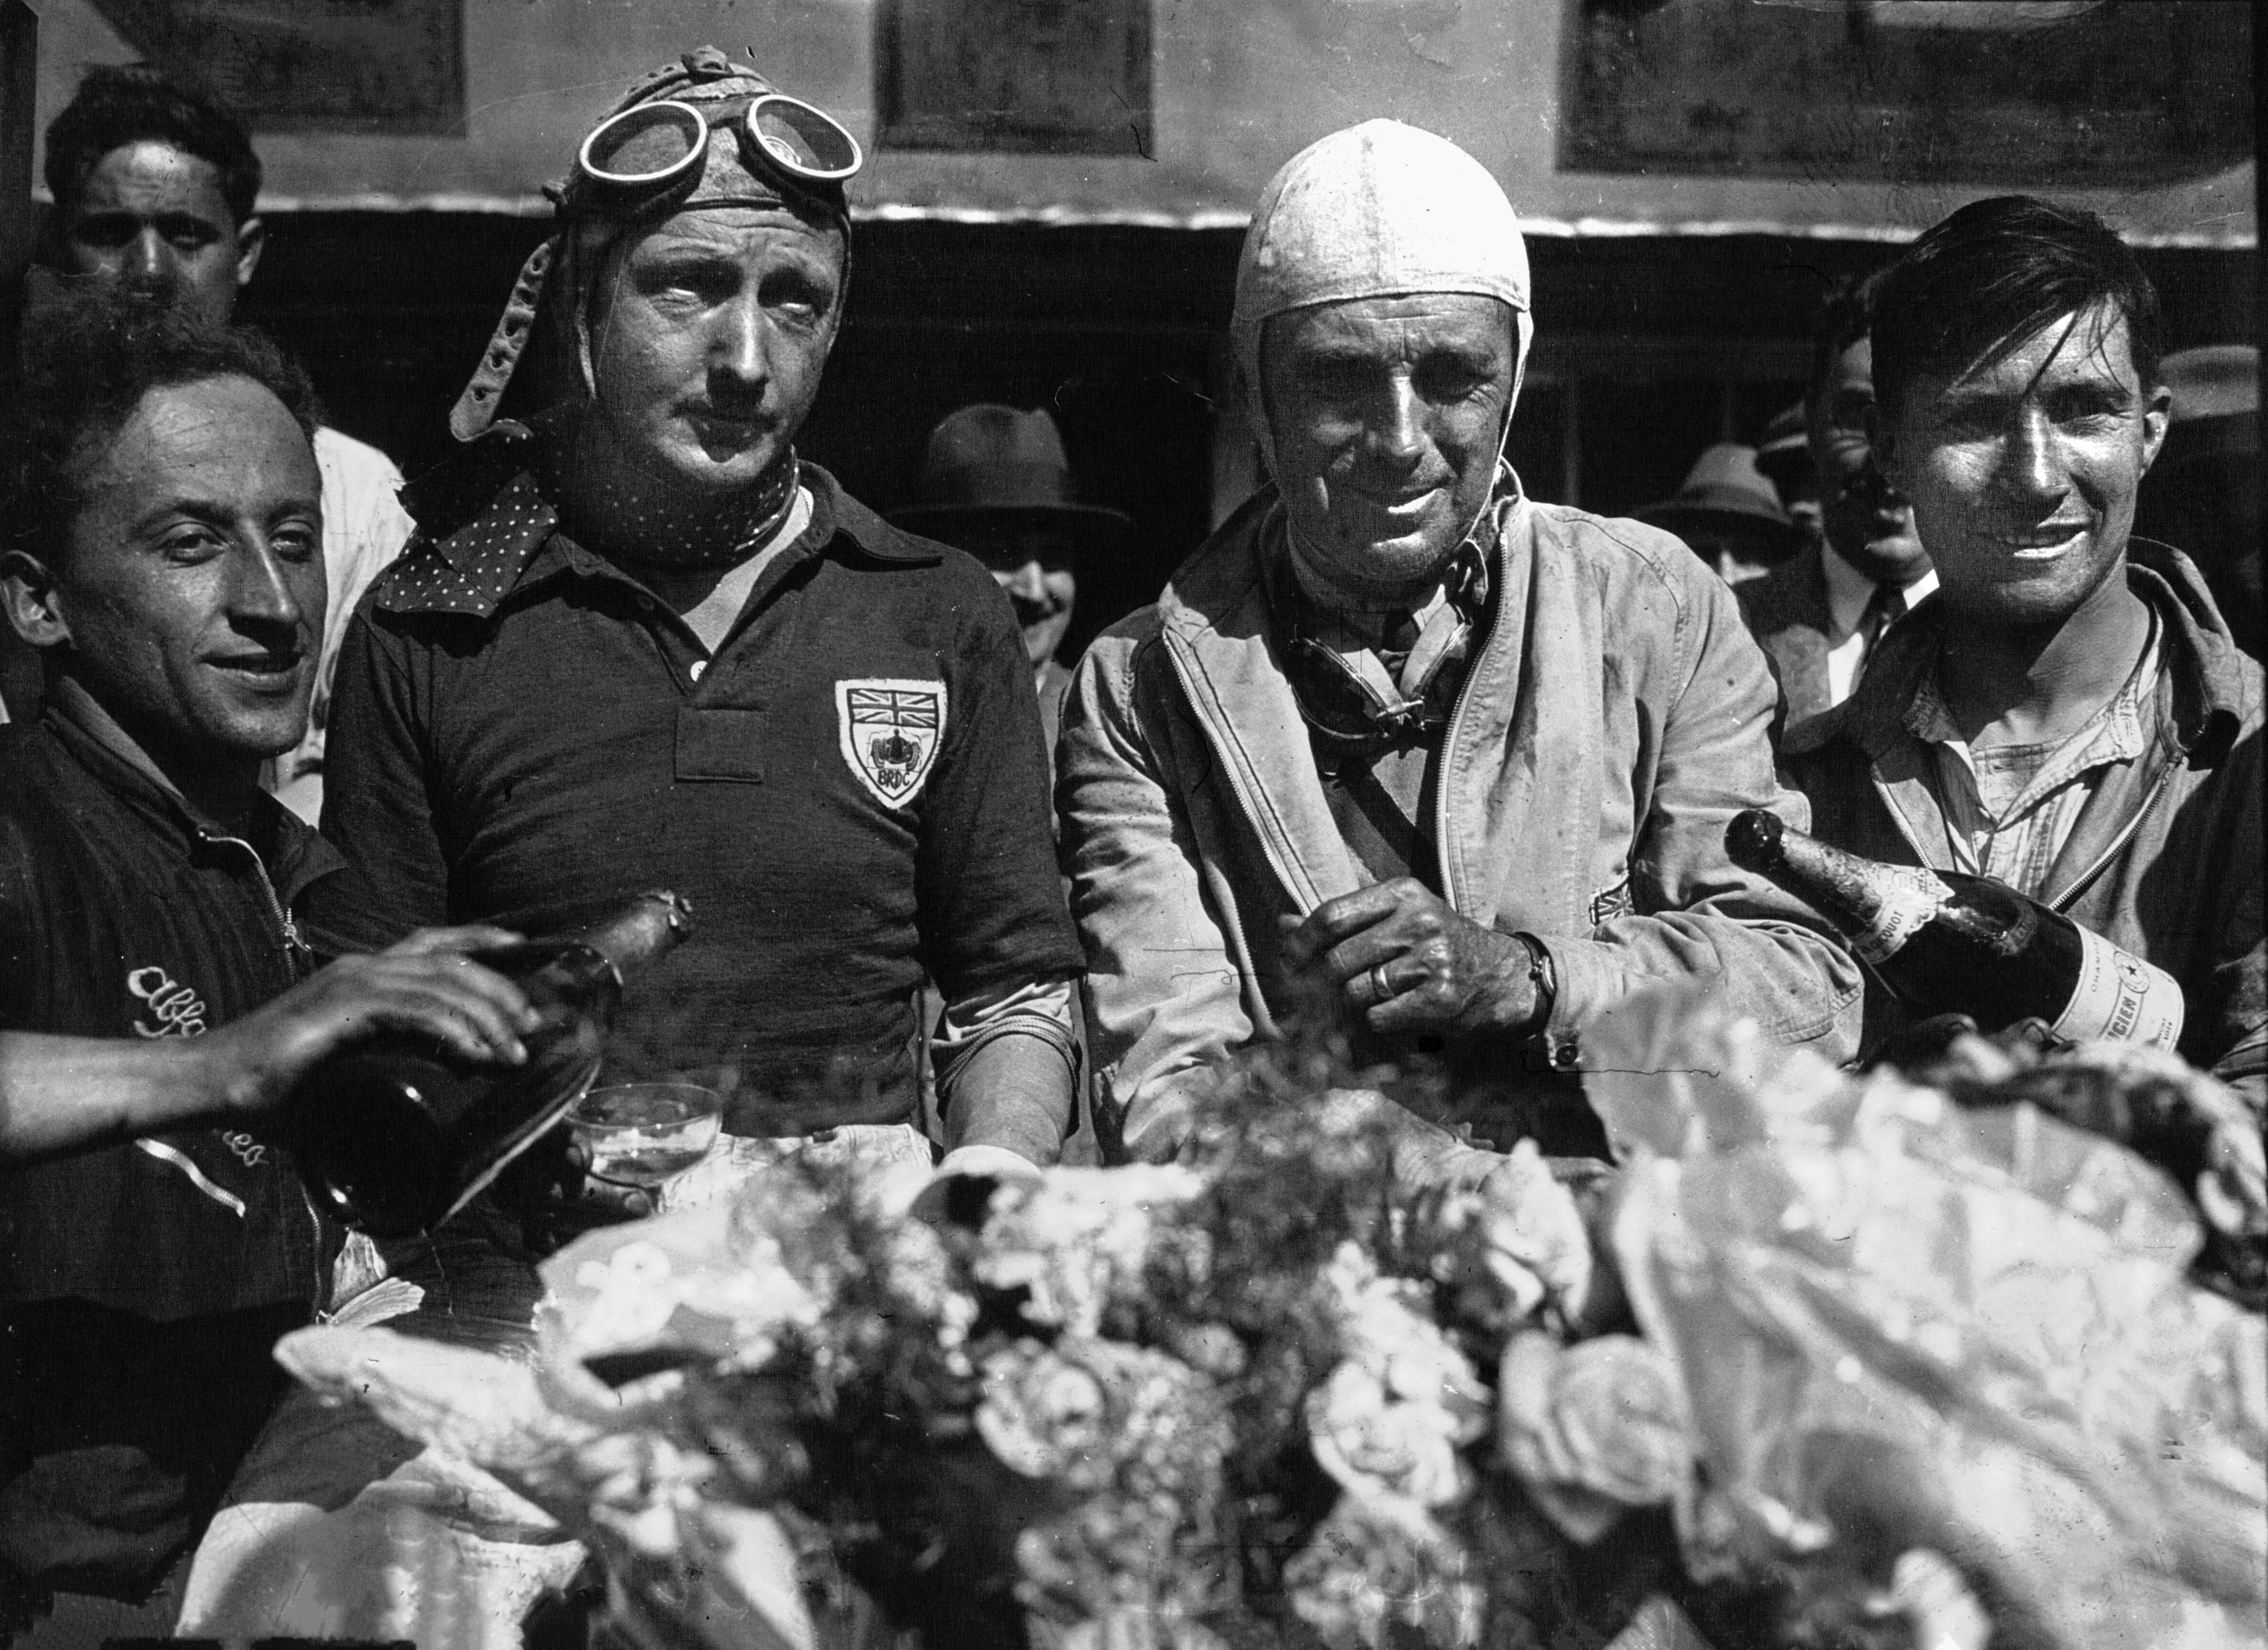 Arthur Bonnet Le Mans 1931 24 hours of le mans - wikipedia